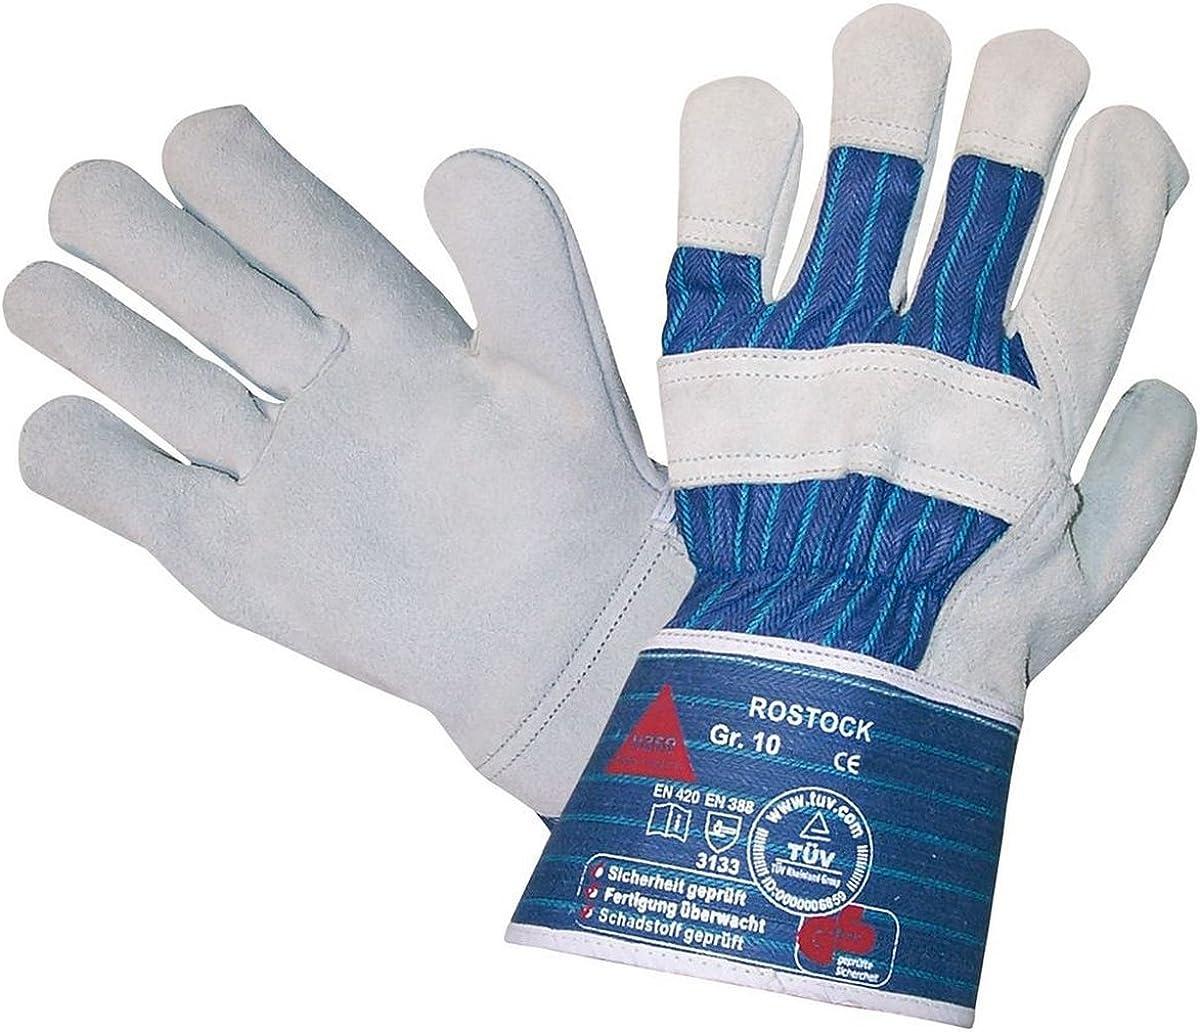 gant de travail universel avec un gant en cuir de haute qualit/é en cuir de vachette de qualit/é ROSTOCK Gants de s/écurit/é en cro/ûte de cuir T/ÜV GS tailles 7 /à 12